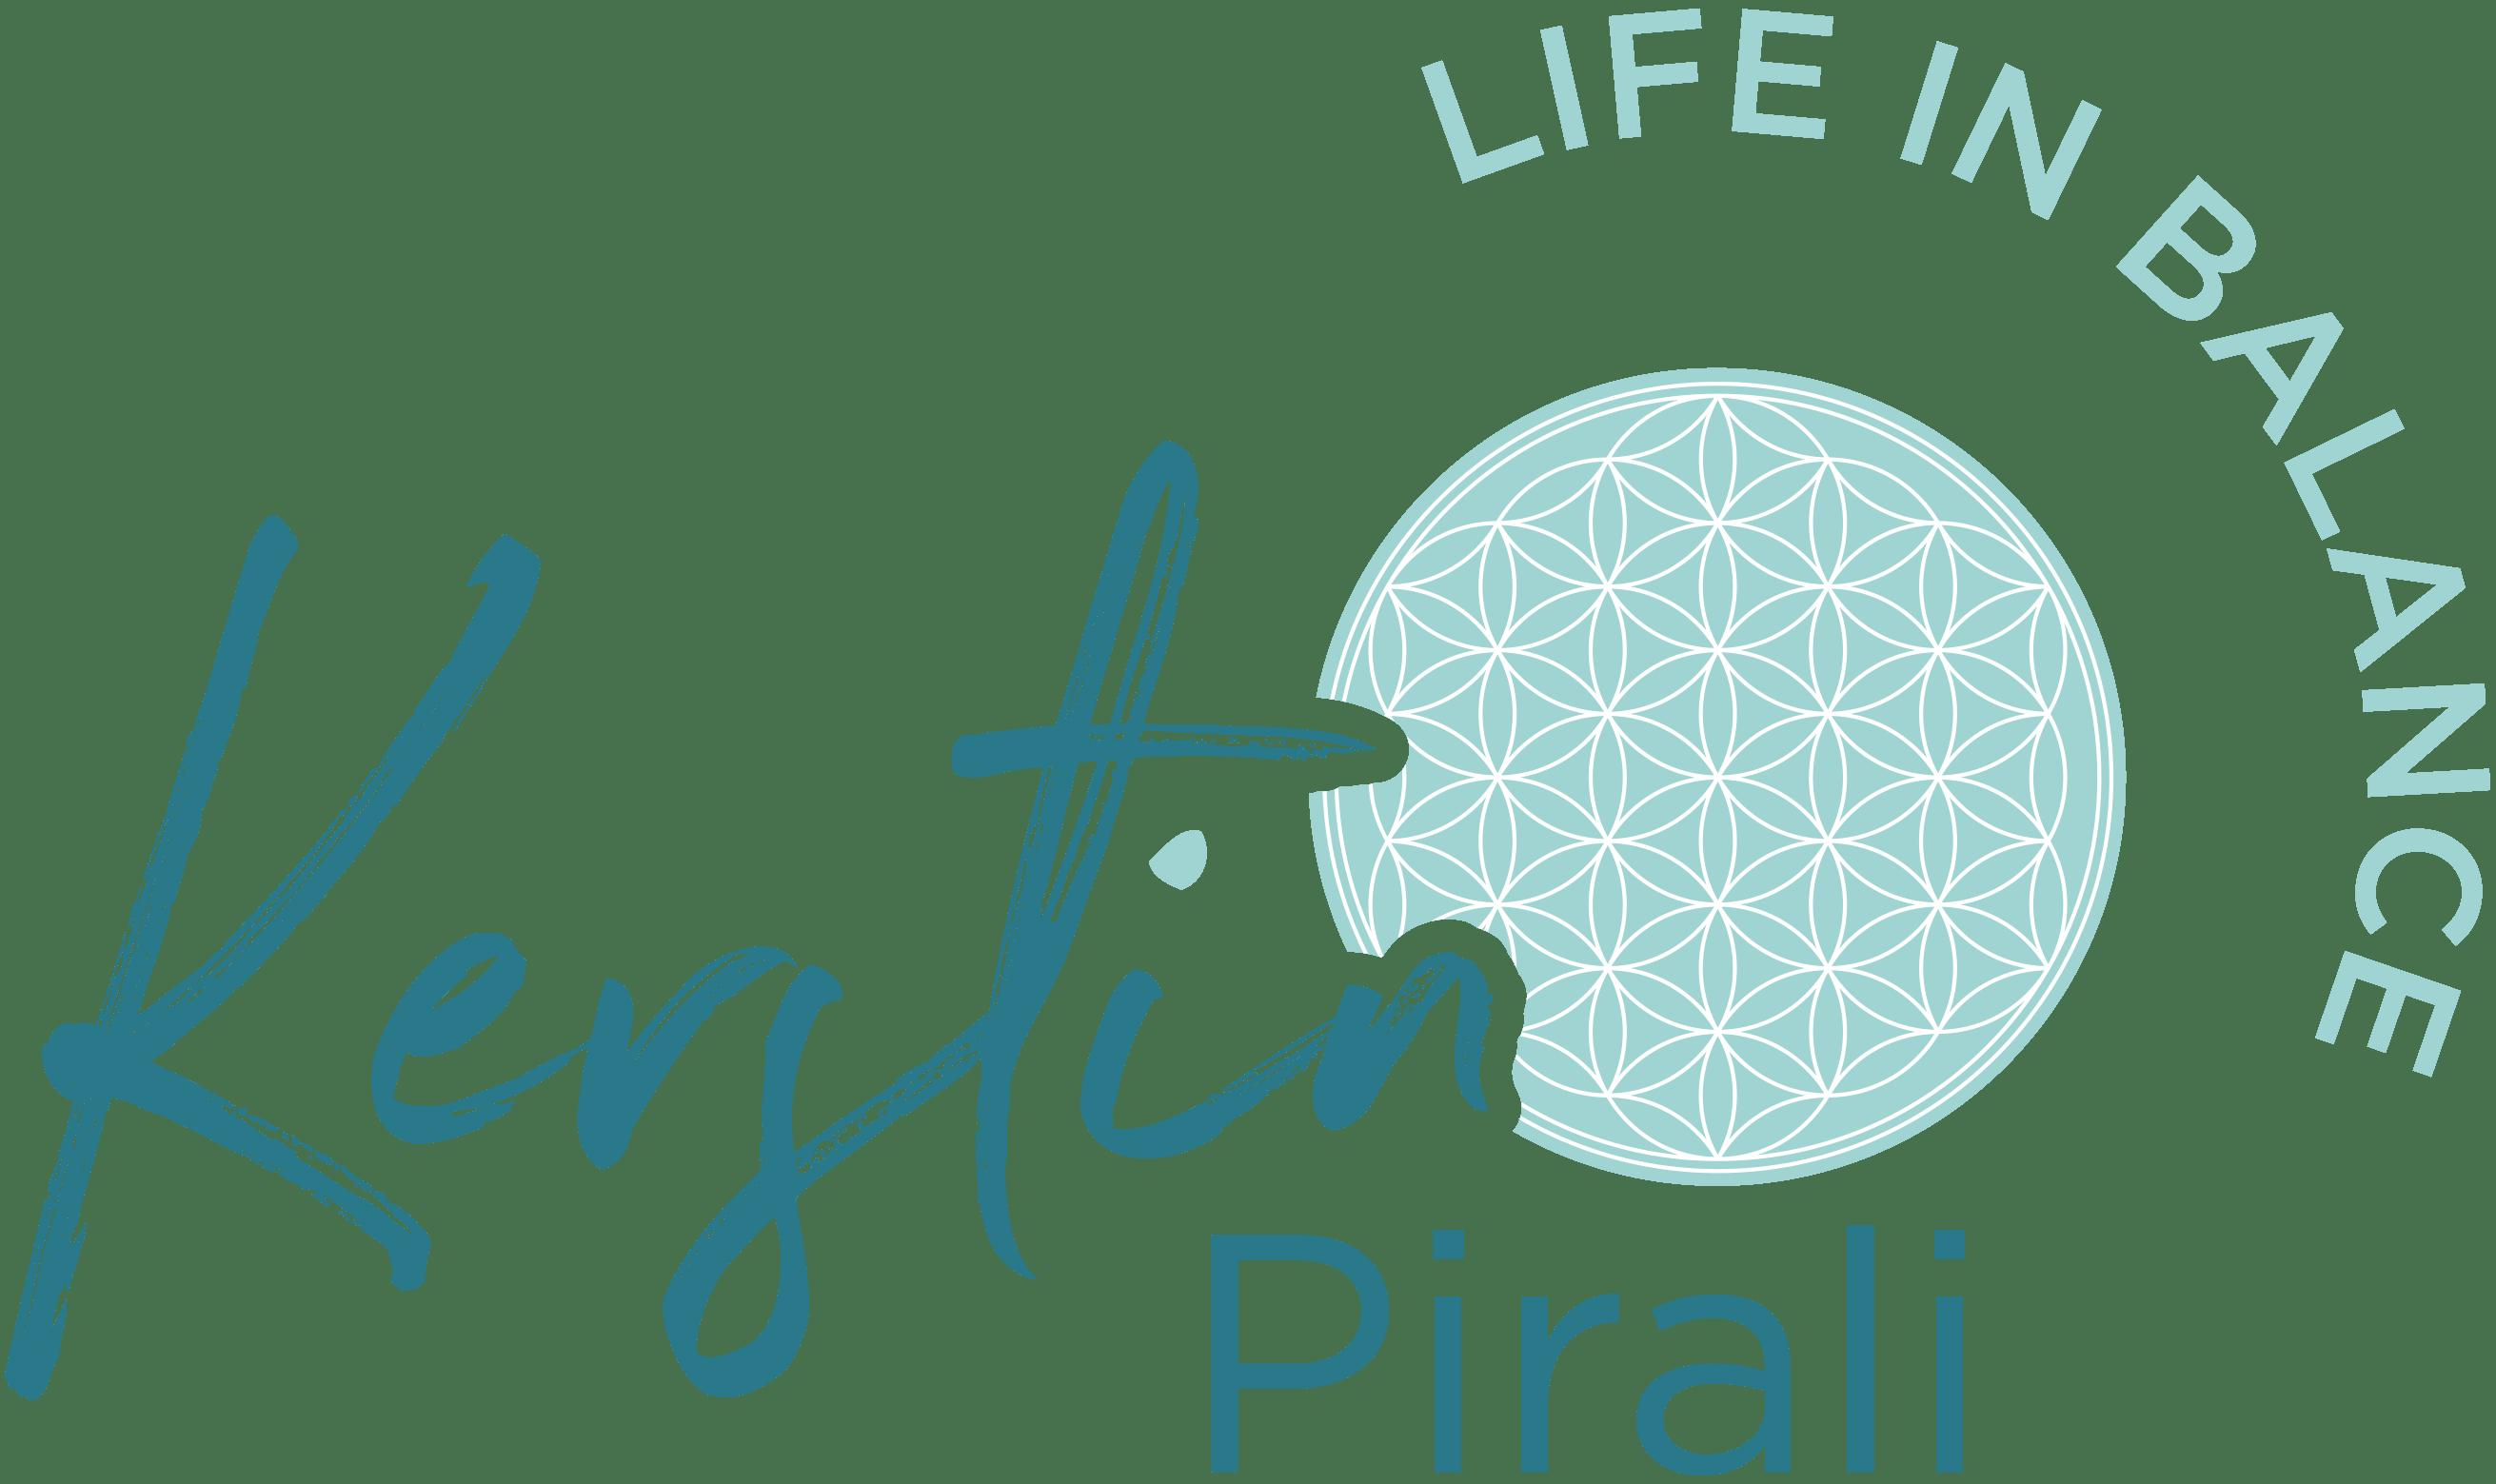 Logo Kerstin Pirali